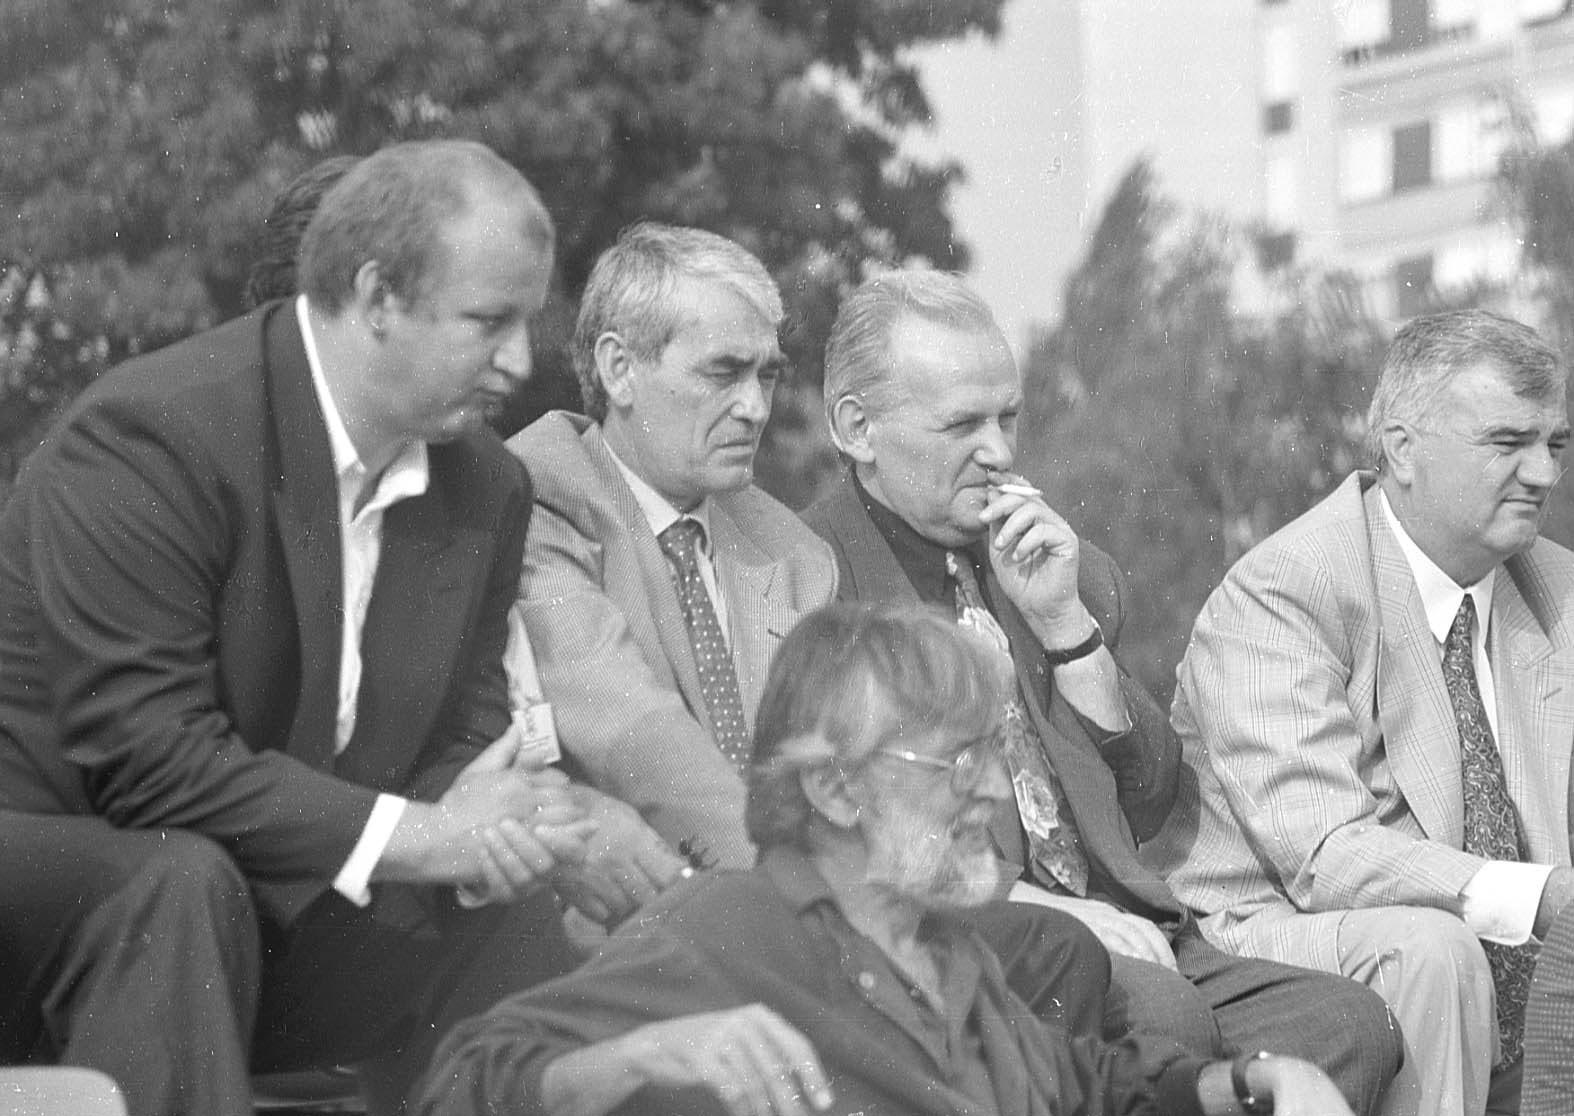 Važni ljudi Hrvata u BiH iz tog vremena: Iznad Mladena Naletilića Tute sjede Ljubo Ćesić Rojs, Gojko Šušak, Mate Boban...